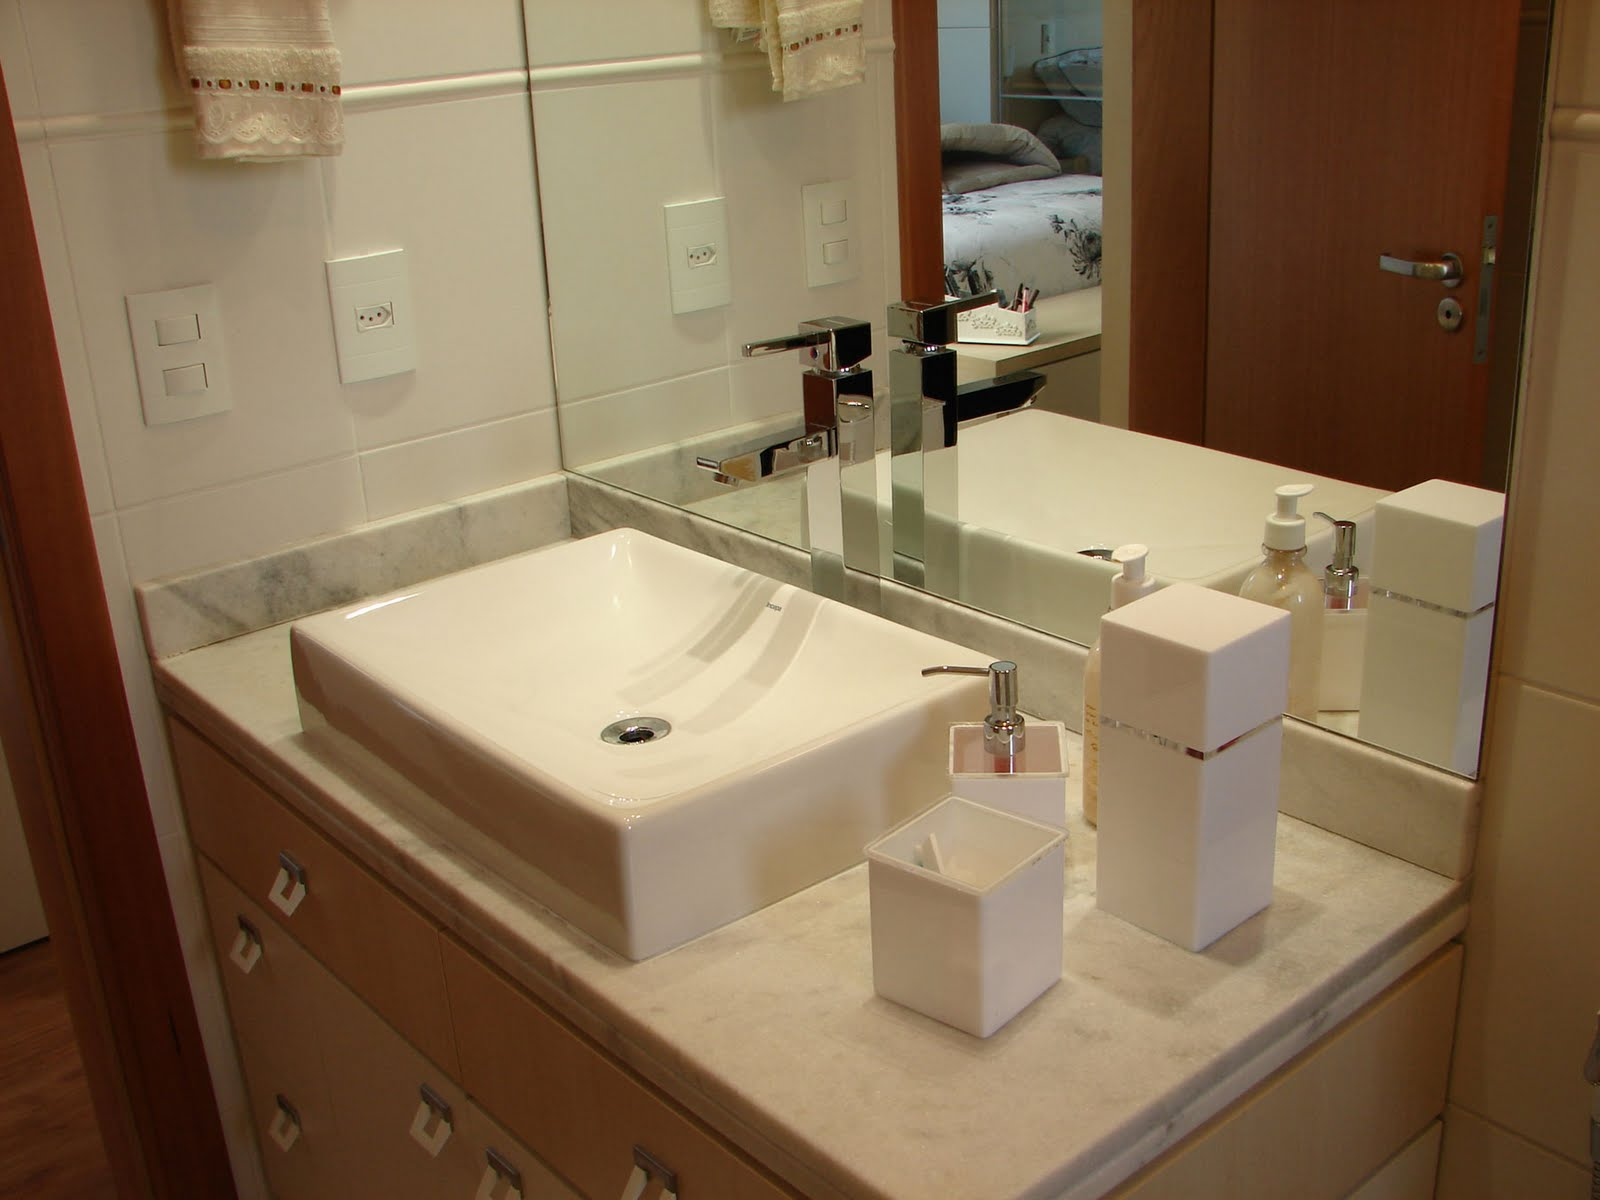 : Arquitetura de Interiores: Banheiros. Reciclando ambientes #442410 1600x1200 Armario De Banheiro Com Cuba